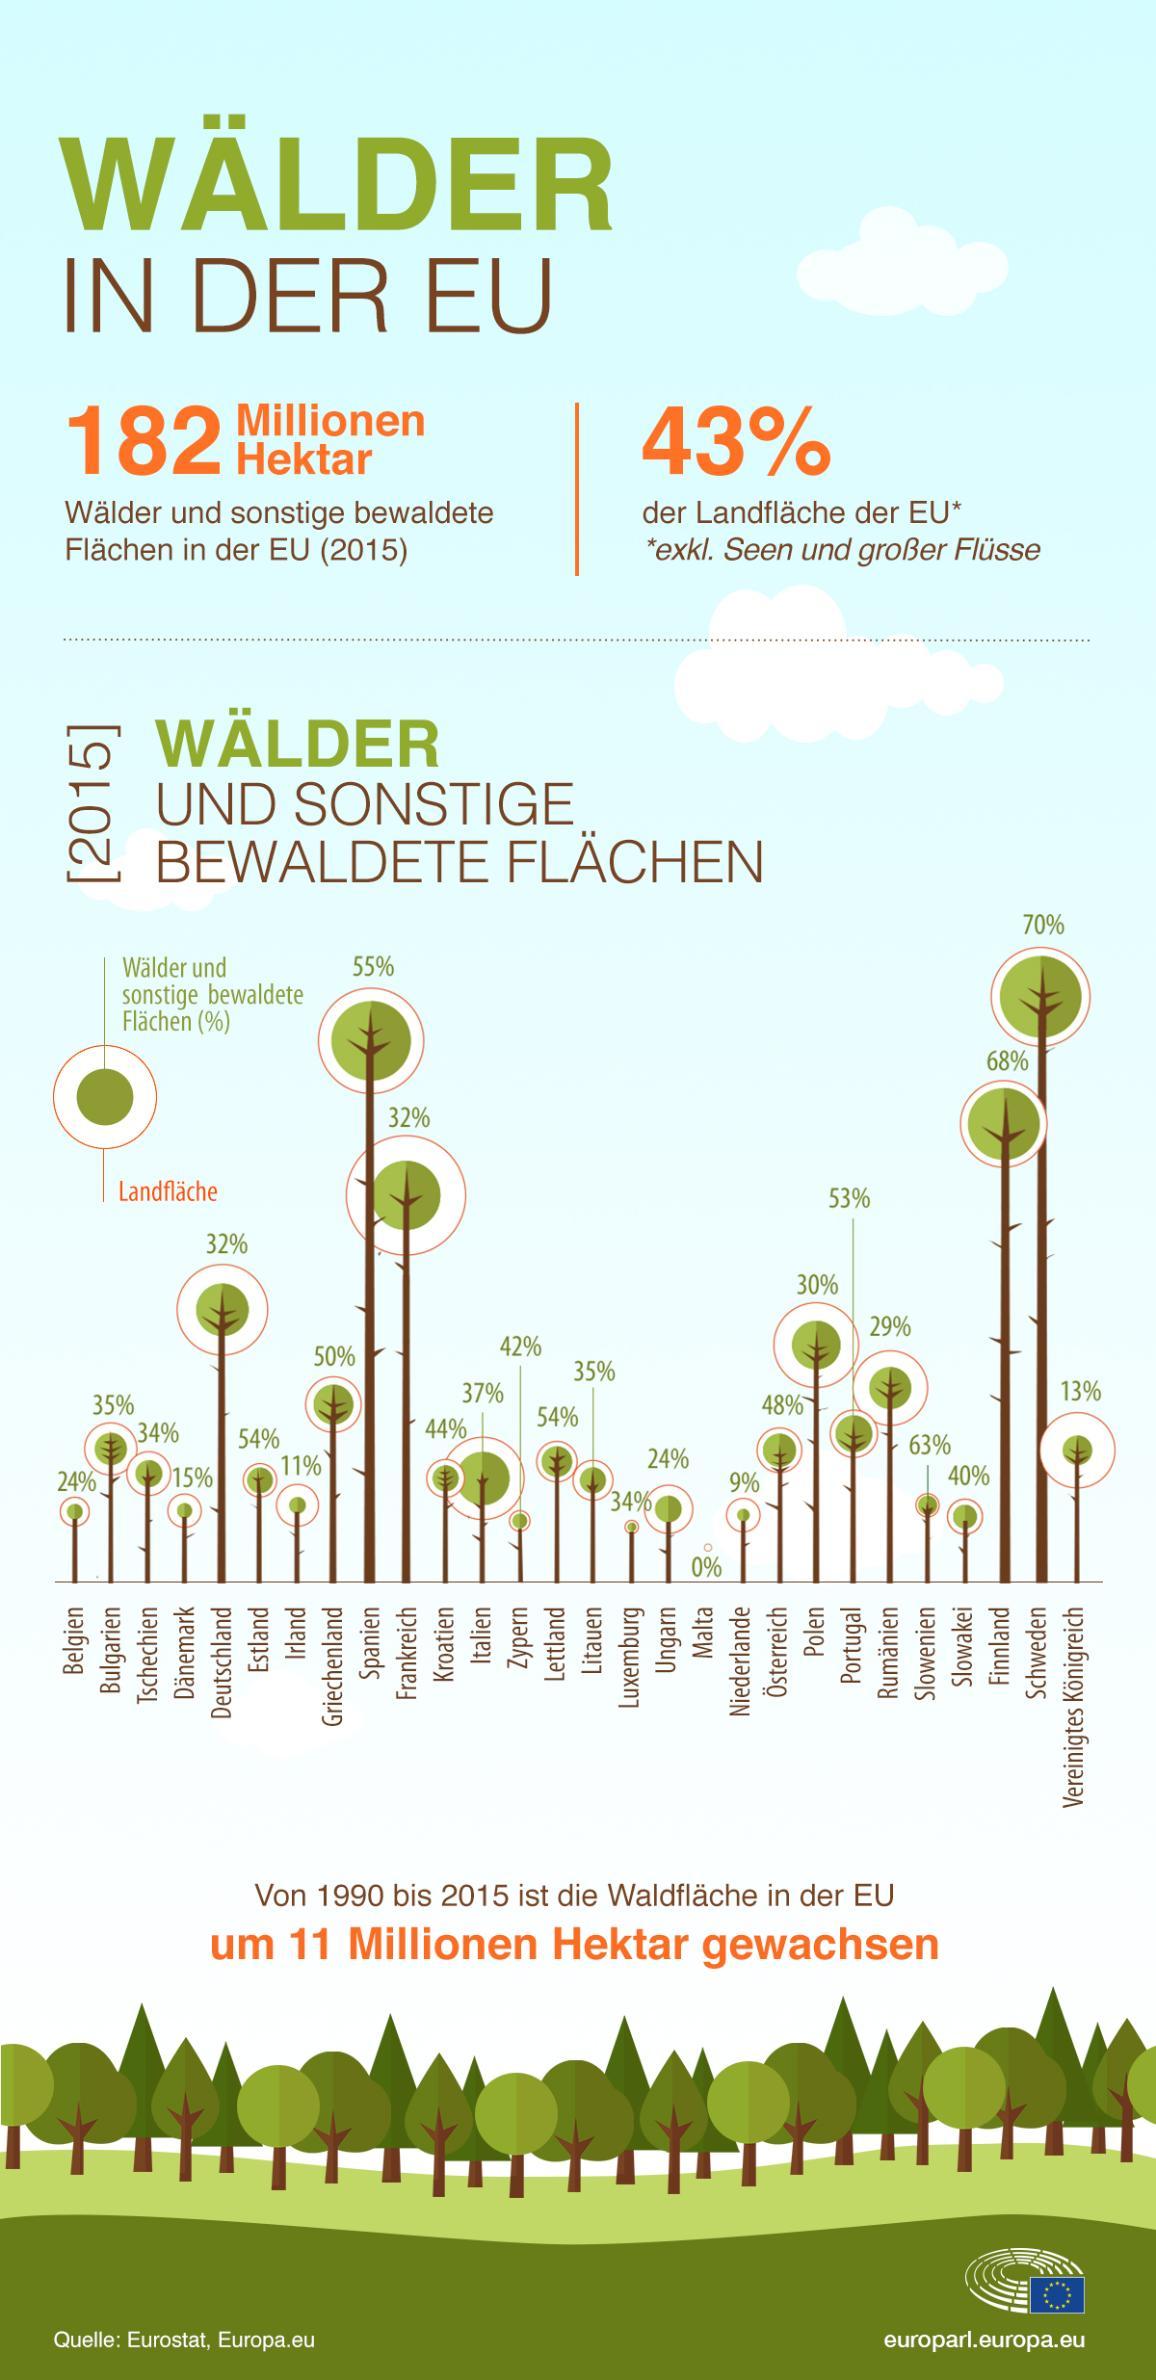 Die Infografik zeigt den Anteil des Waldes an der Landfläche der einzelnen Mitgliedstaaten